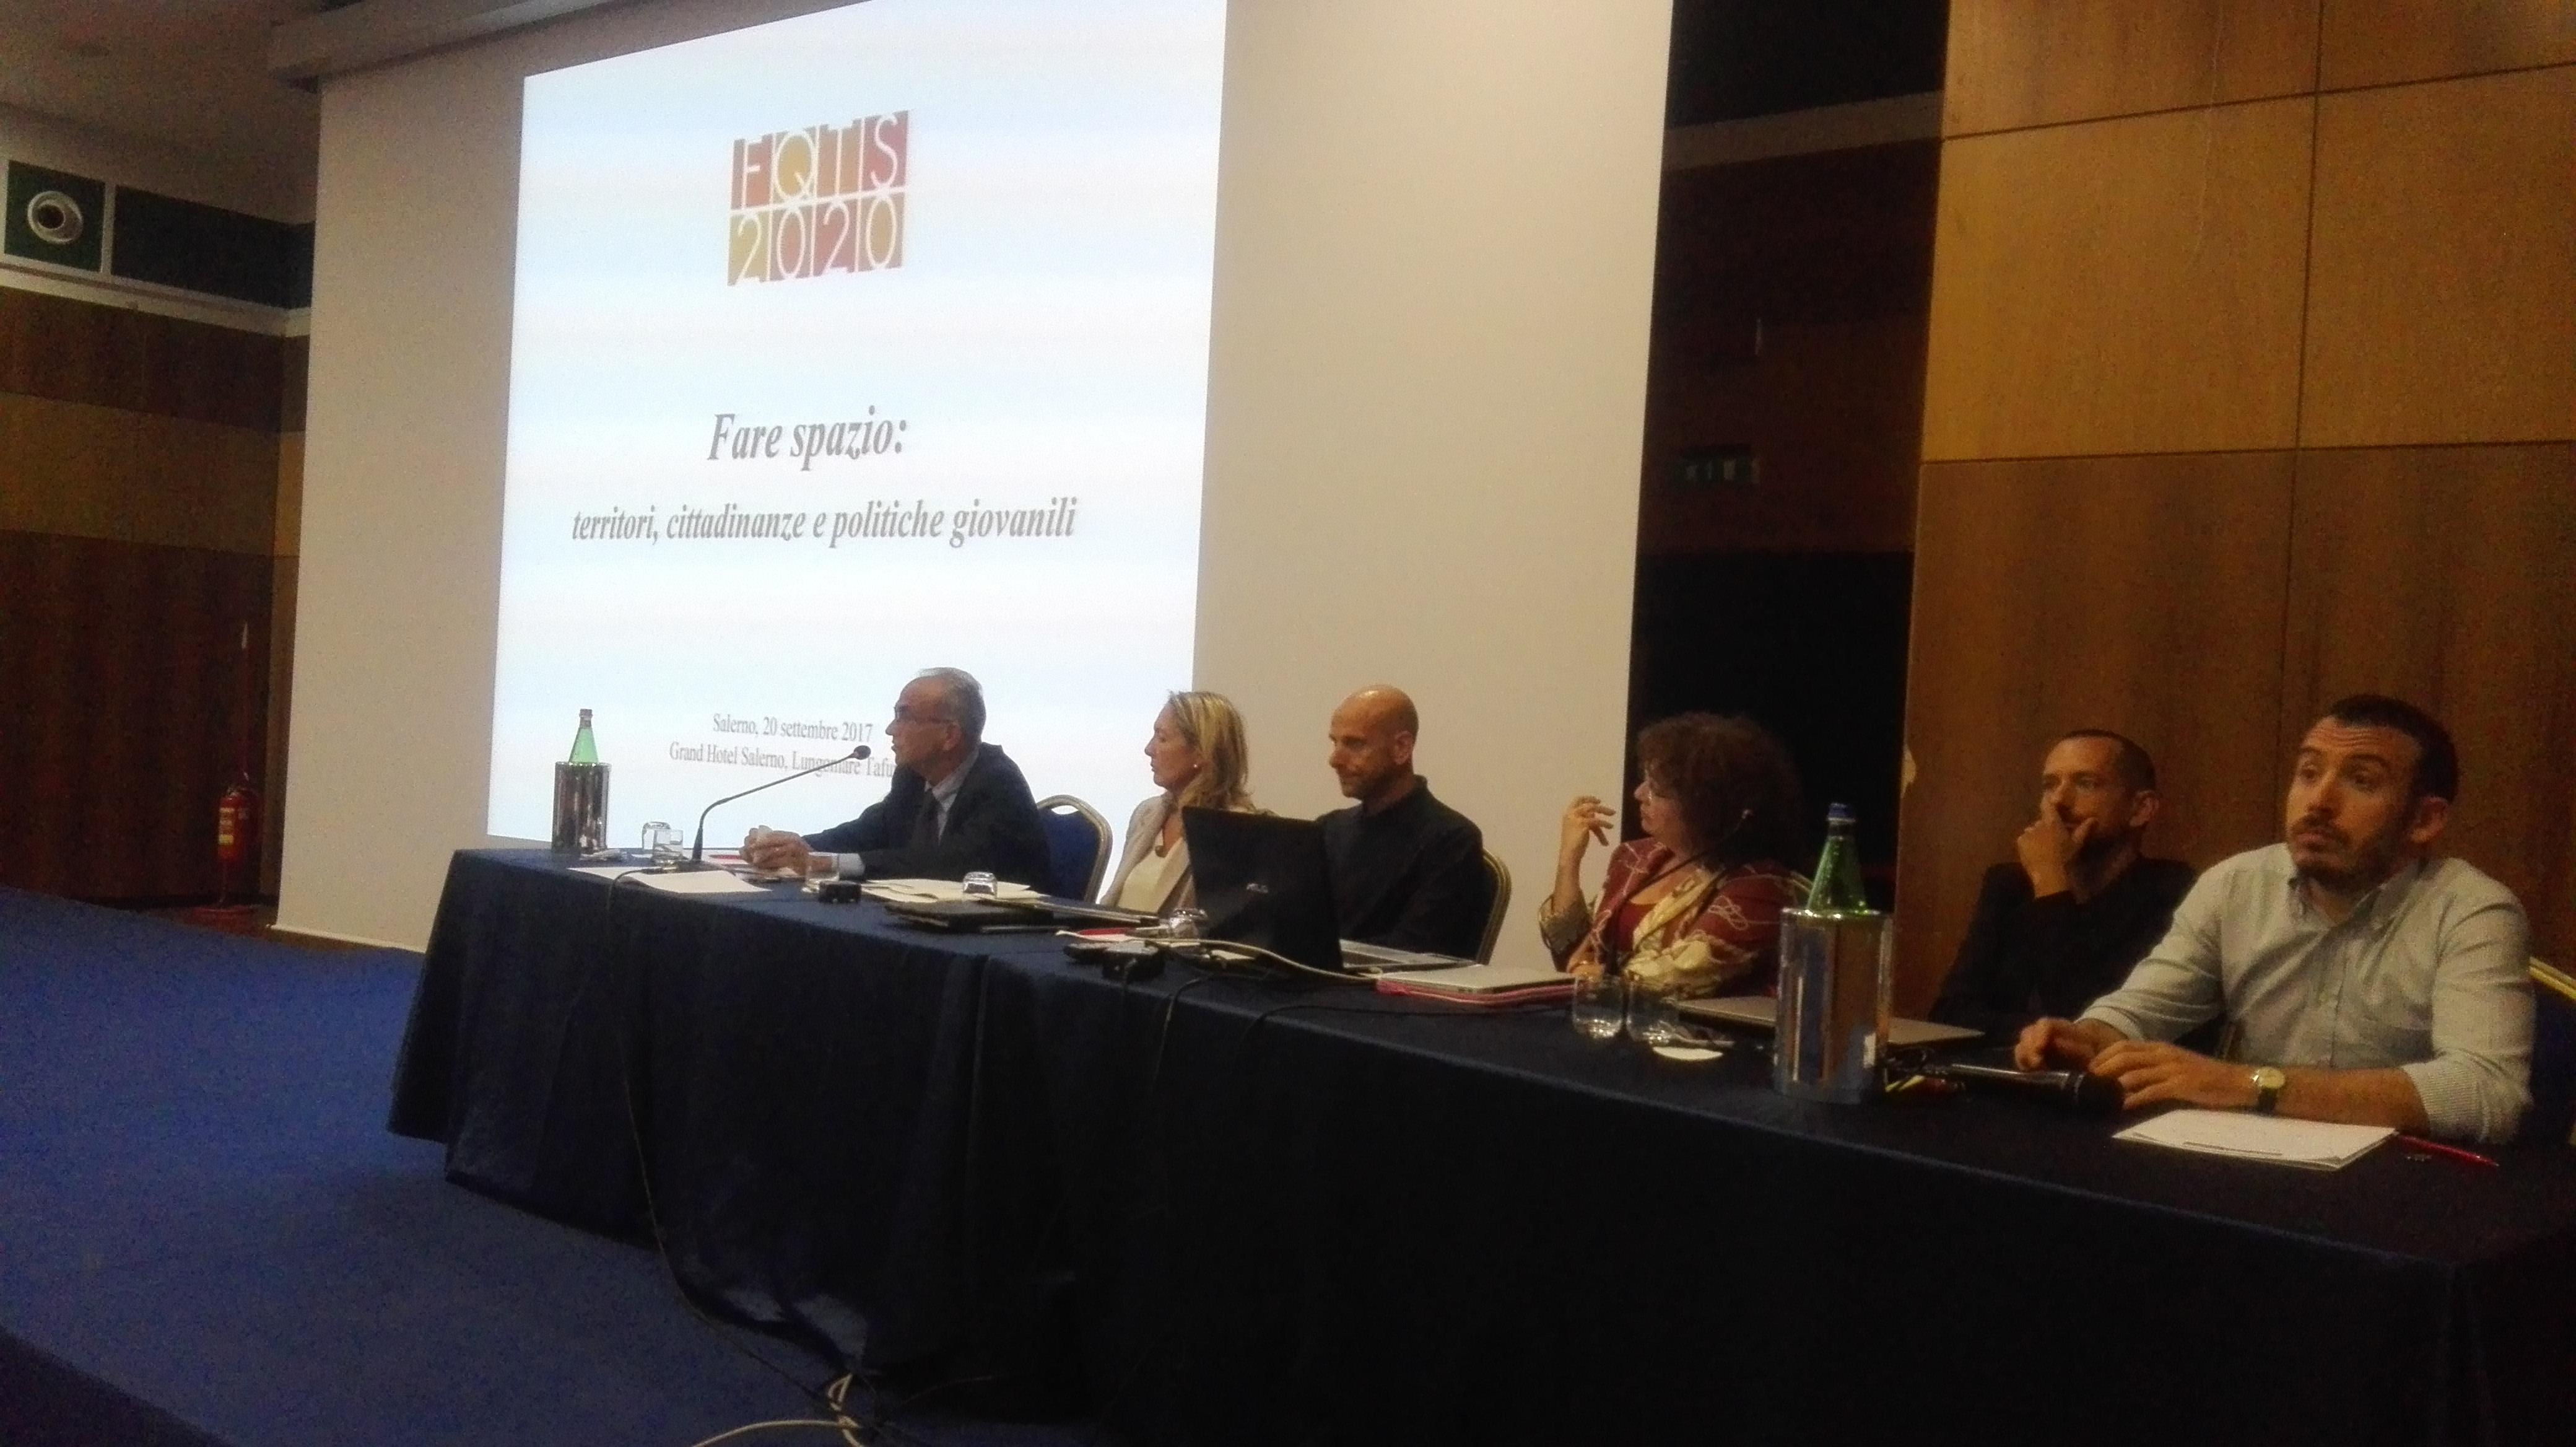 Plenaria FQTS2020 - Settembre 2017